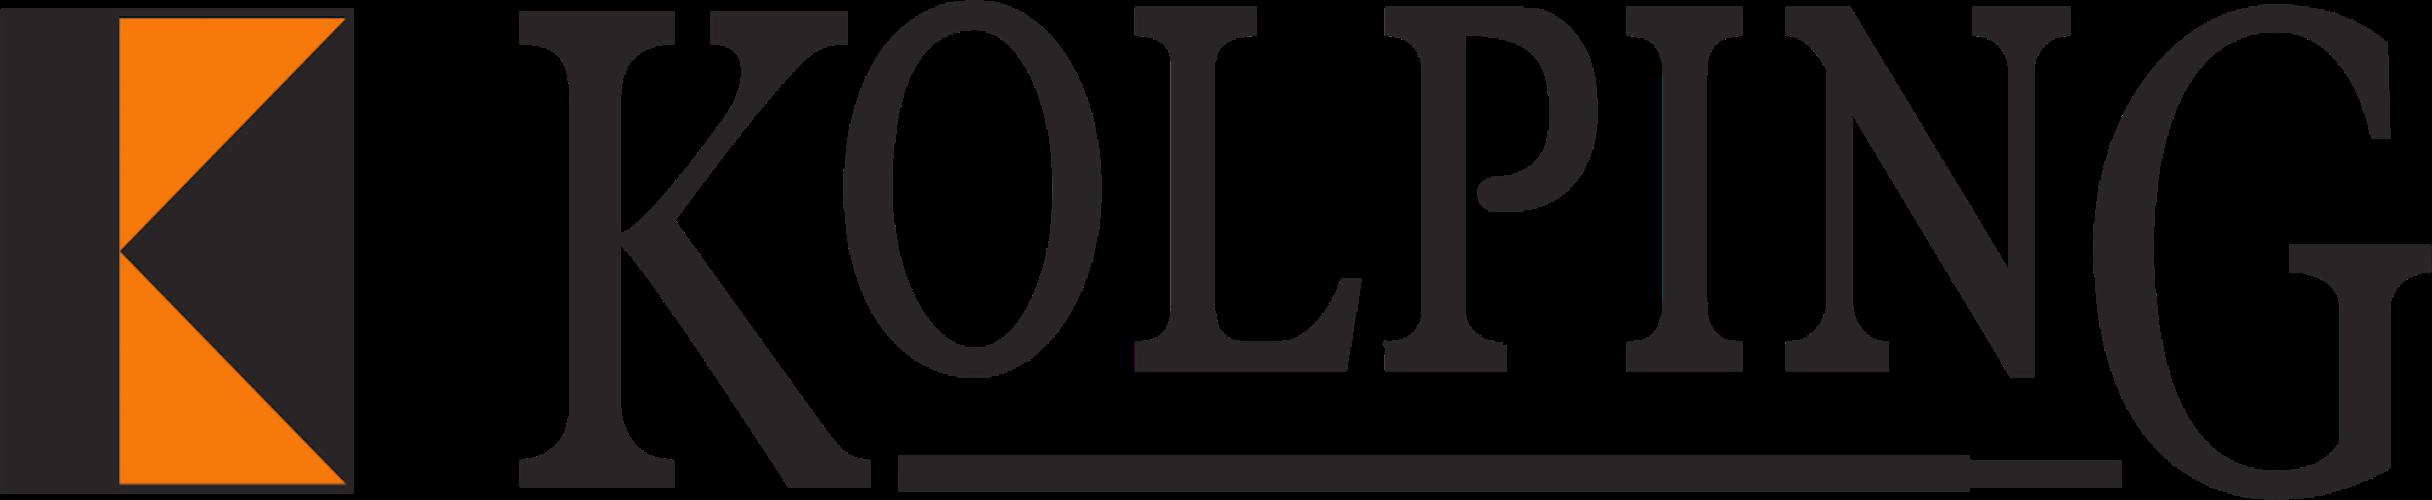 Kolping logo  1